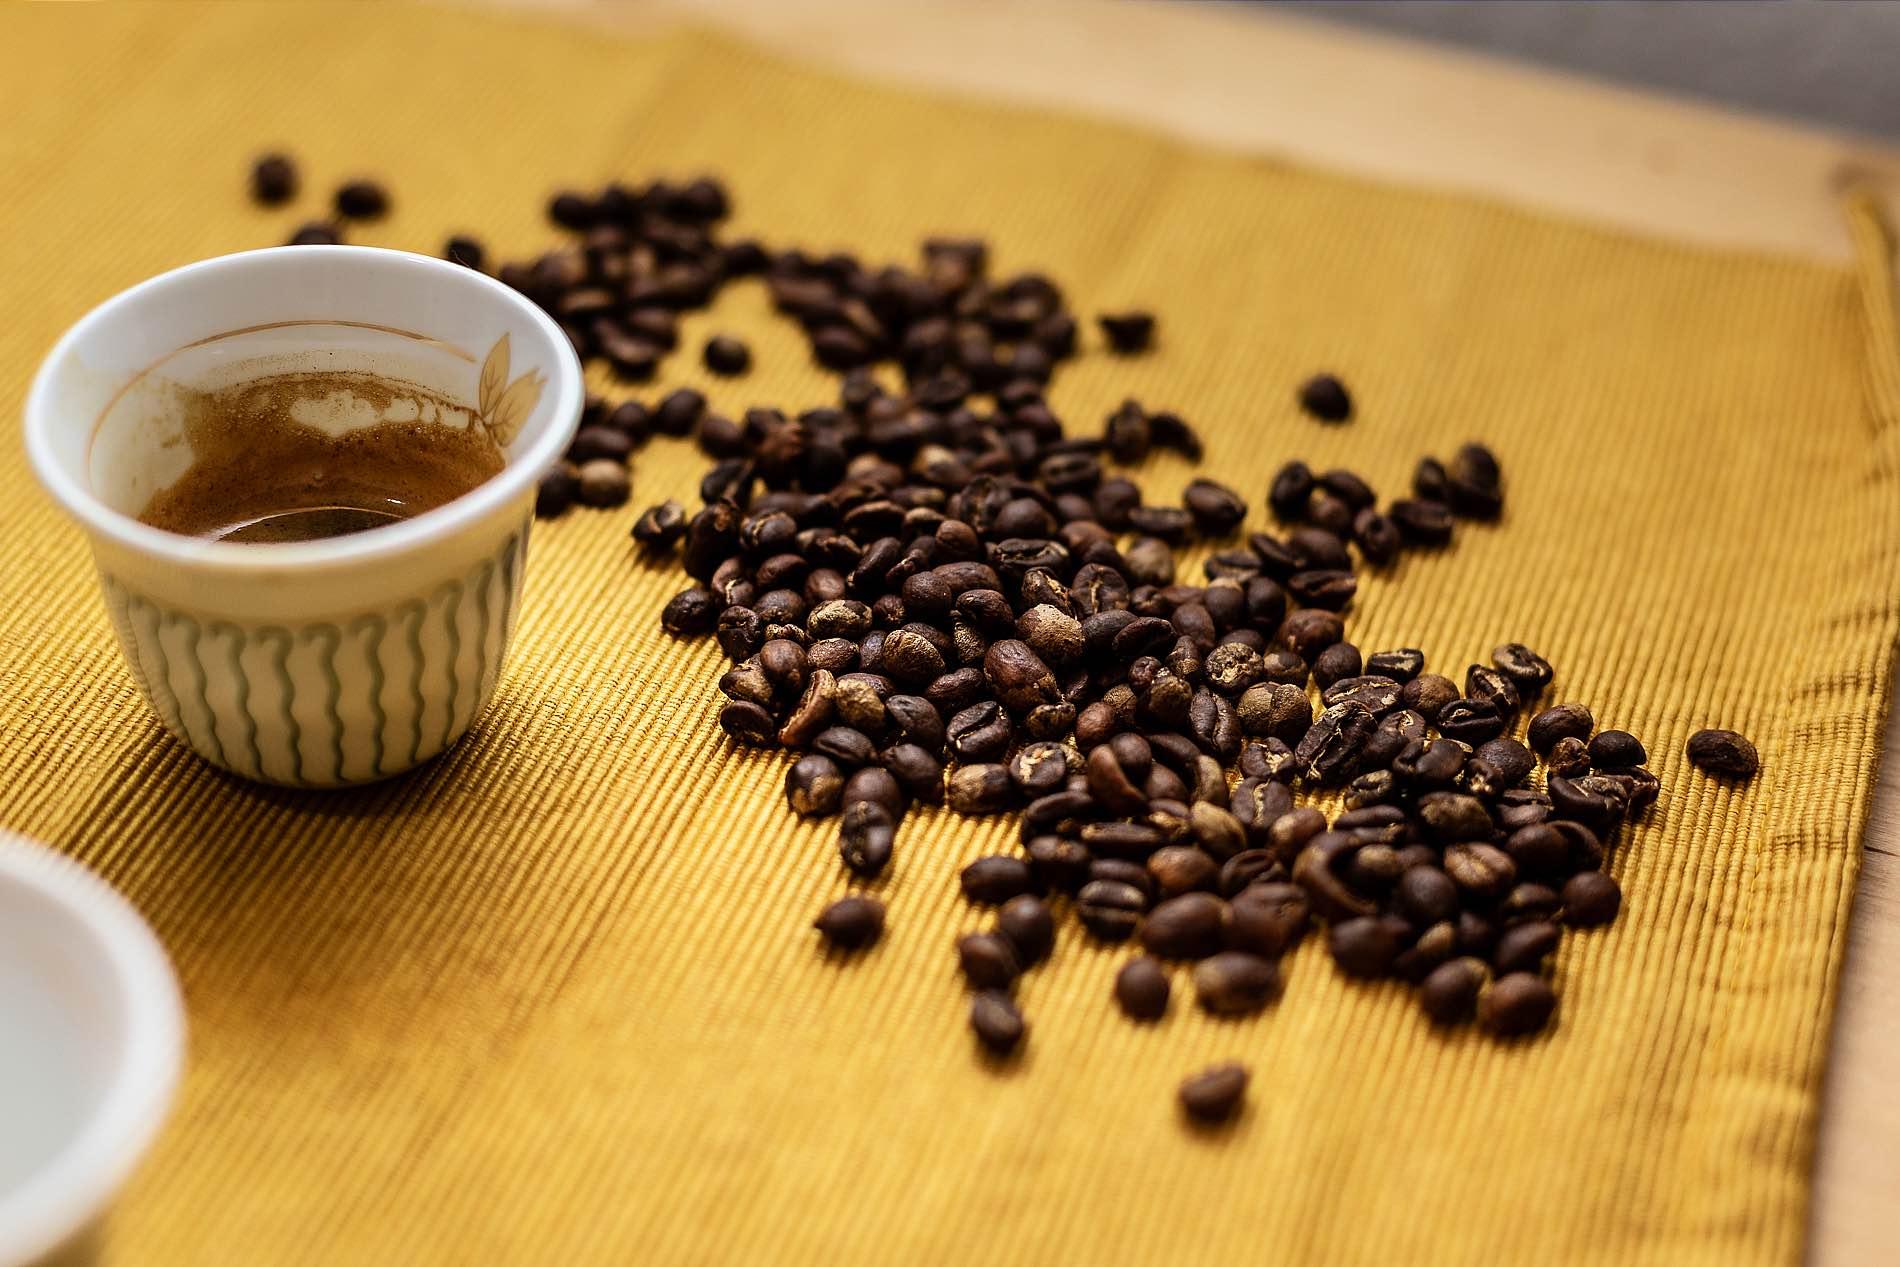 Foto von Kaffeebohnen und einer Mini-Tasse Kaffee